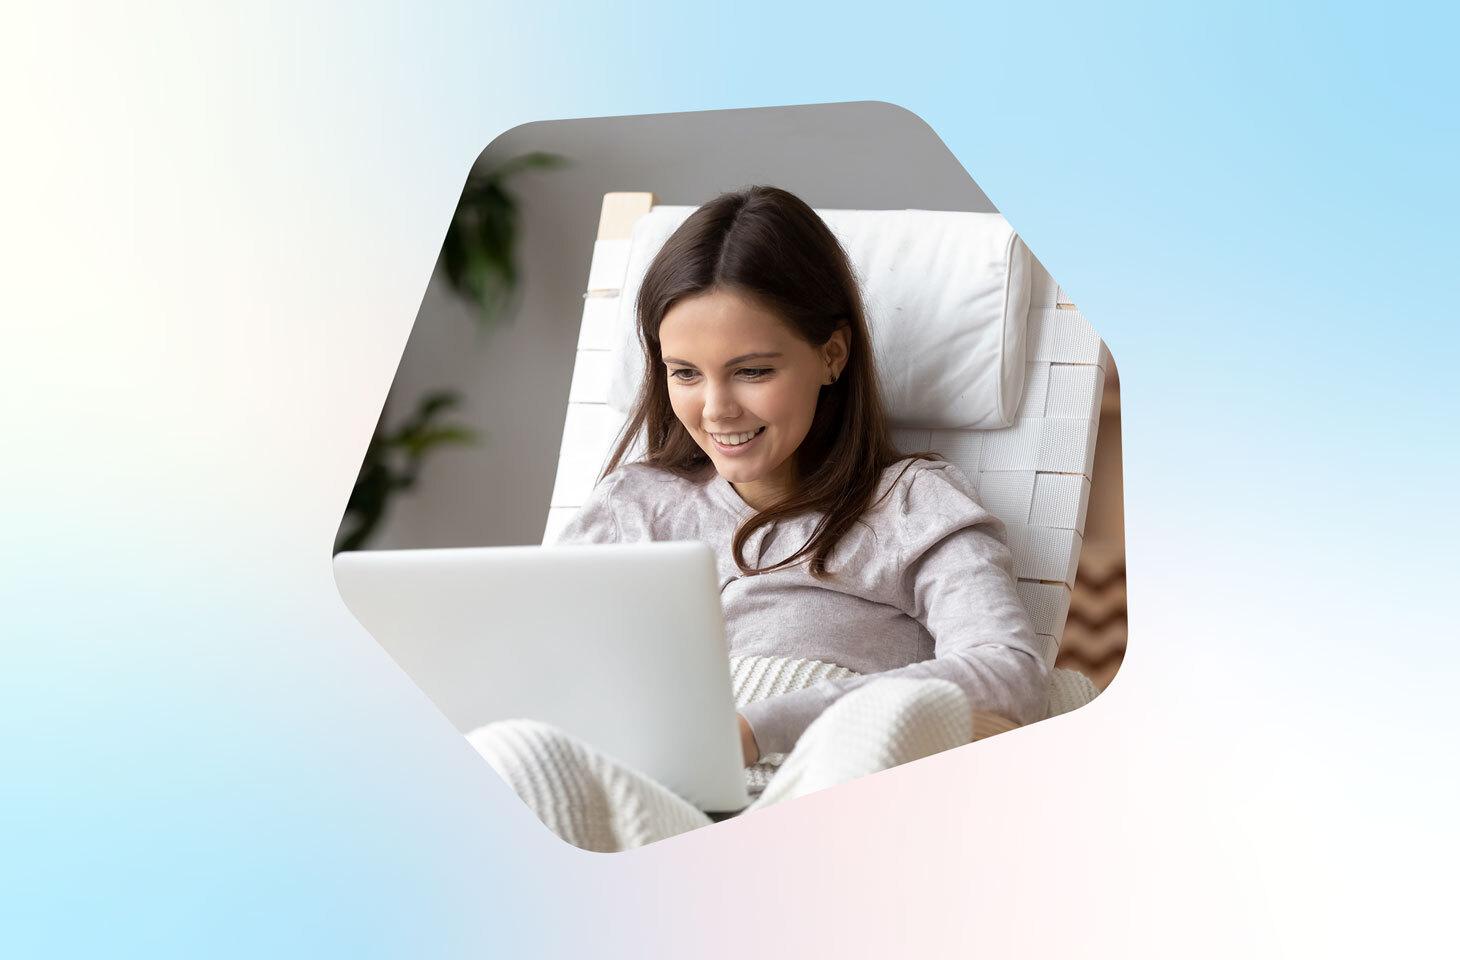 6 советов, как безопасно работать в гибридном режиме «дом и офис» | Блог Касперского